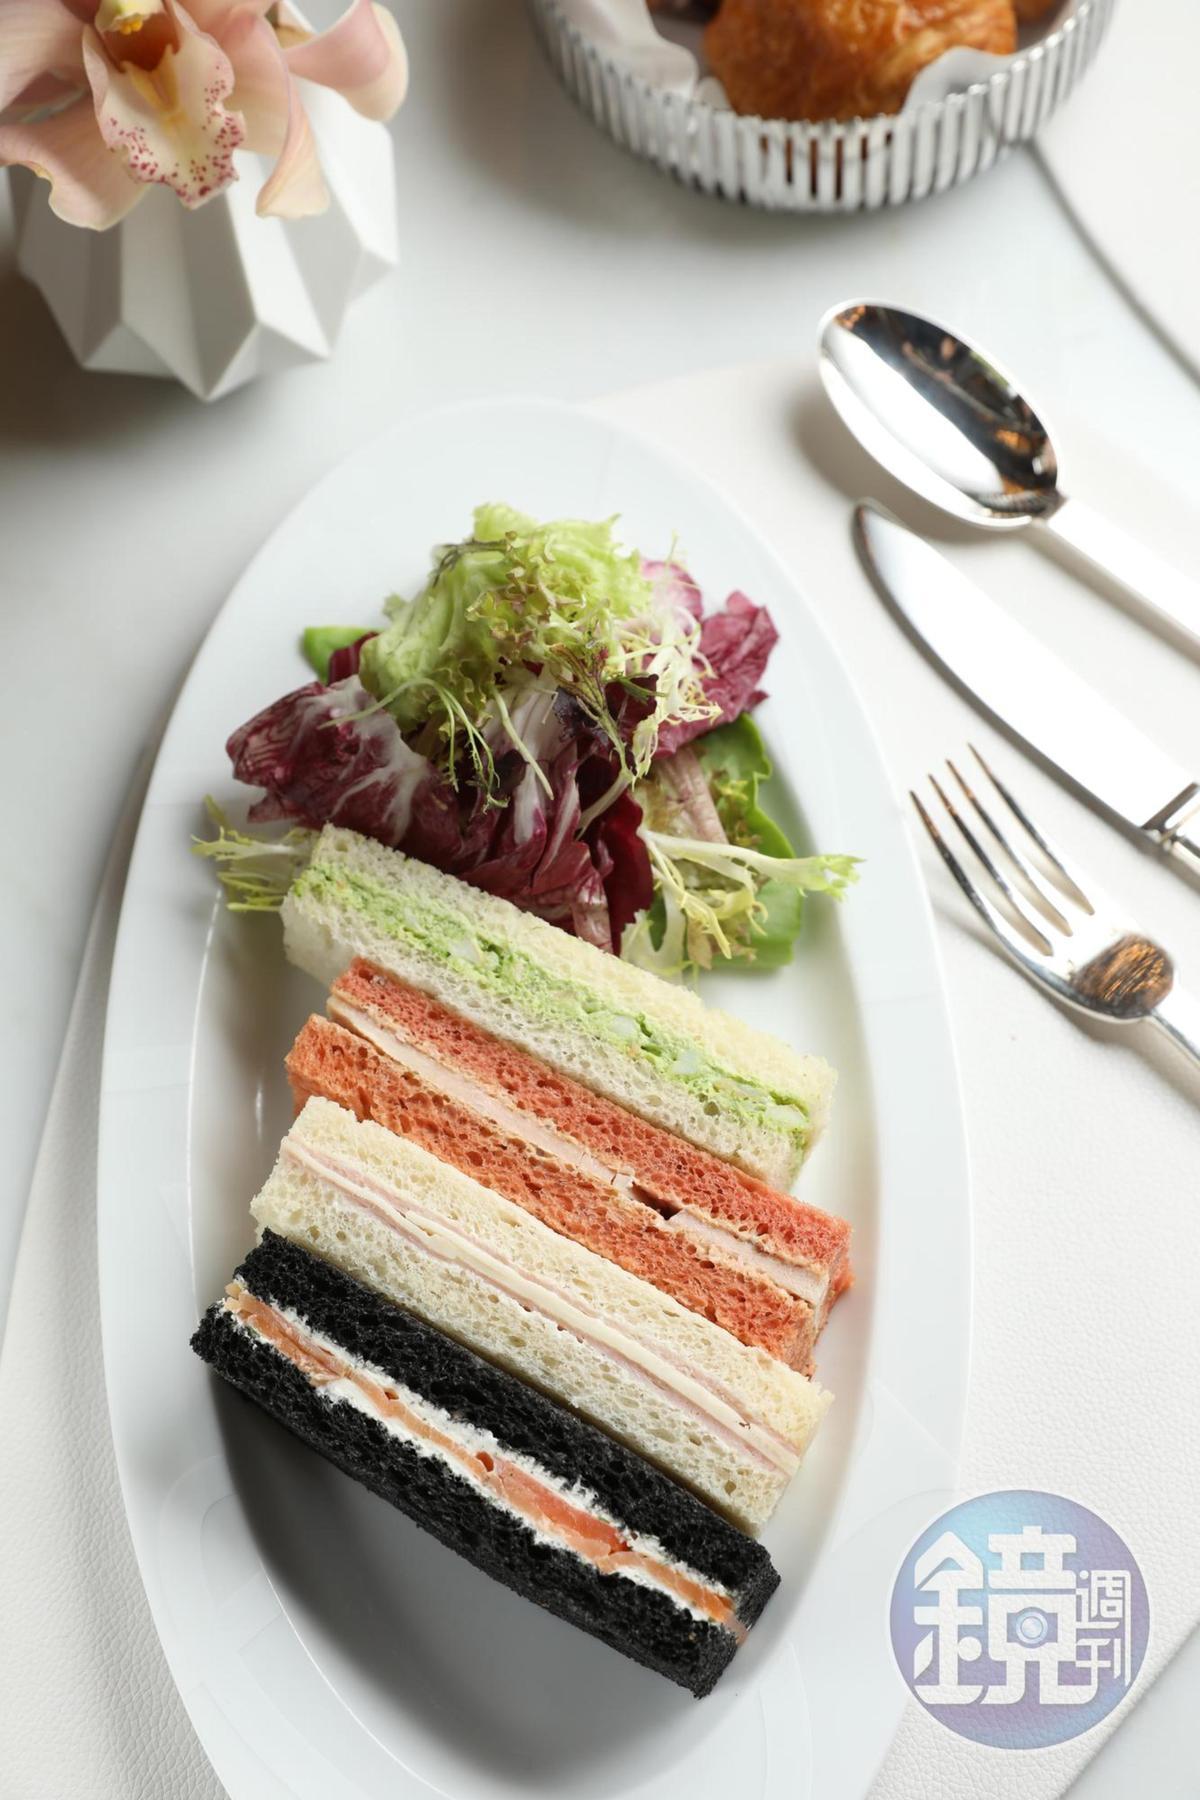 專為摩珀斯設計的「手指三明治」,共有雞肉、蝦仁、煙燻鮭魚、火腿乳酪等4種口味組合。(澳門幣138元/份,約NT$524)